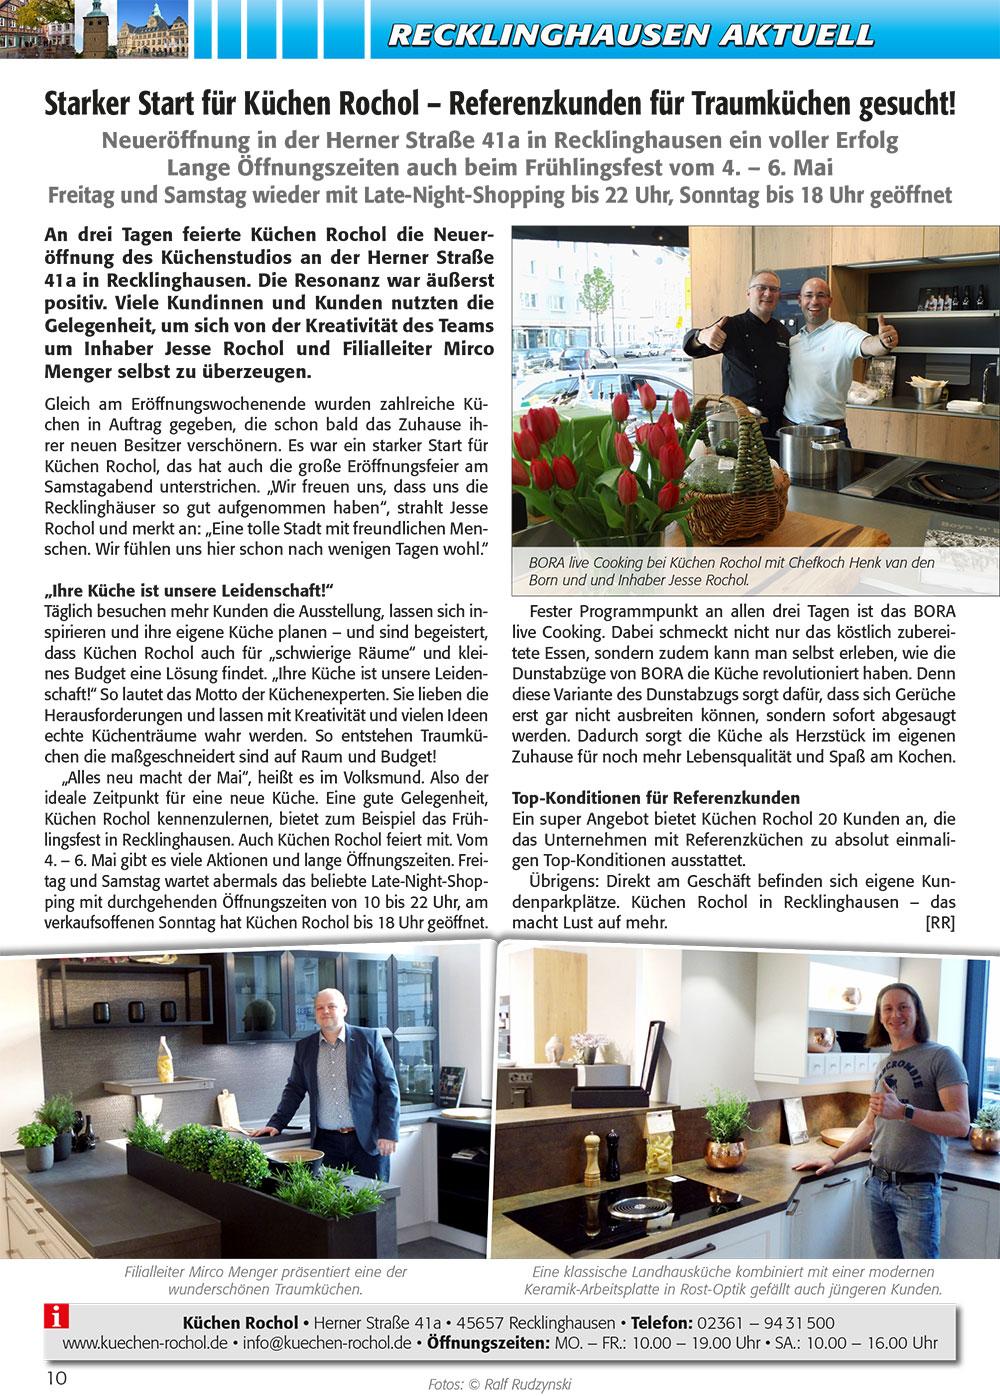 100% VEST Artikel zur Eröffnung in Recklinghausen